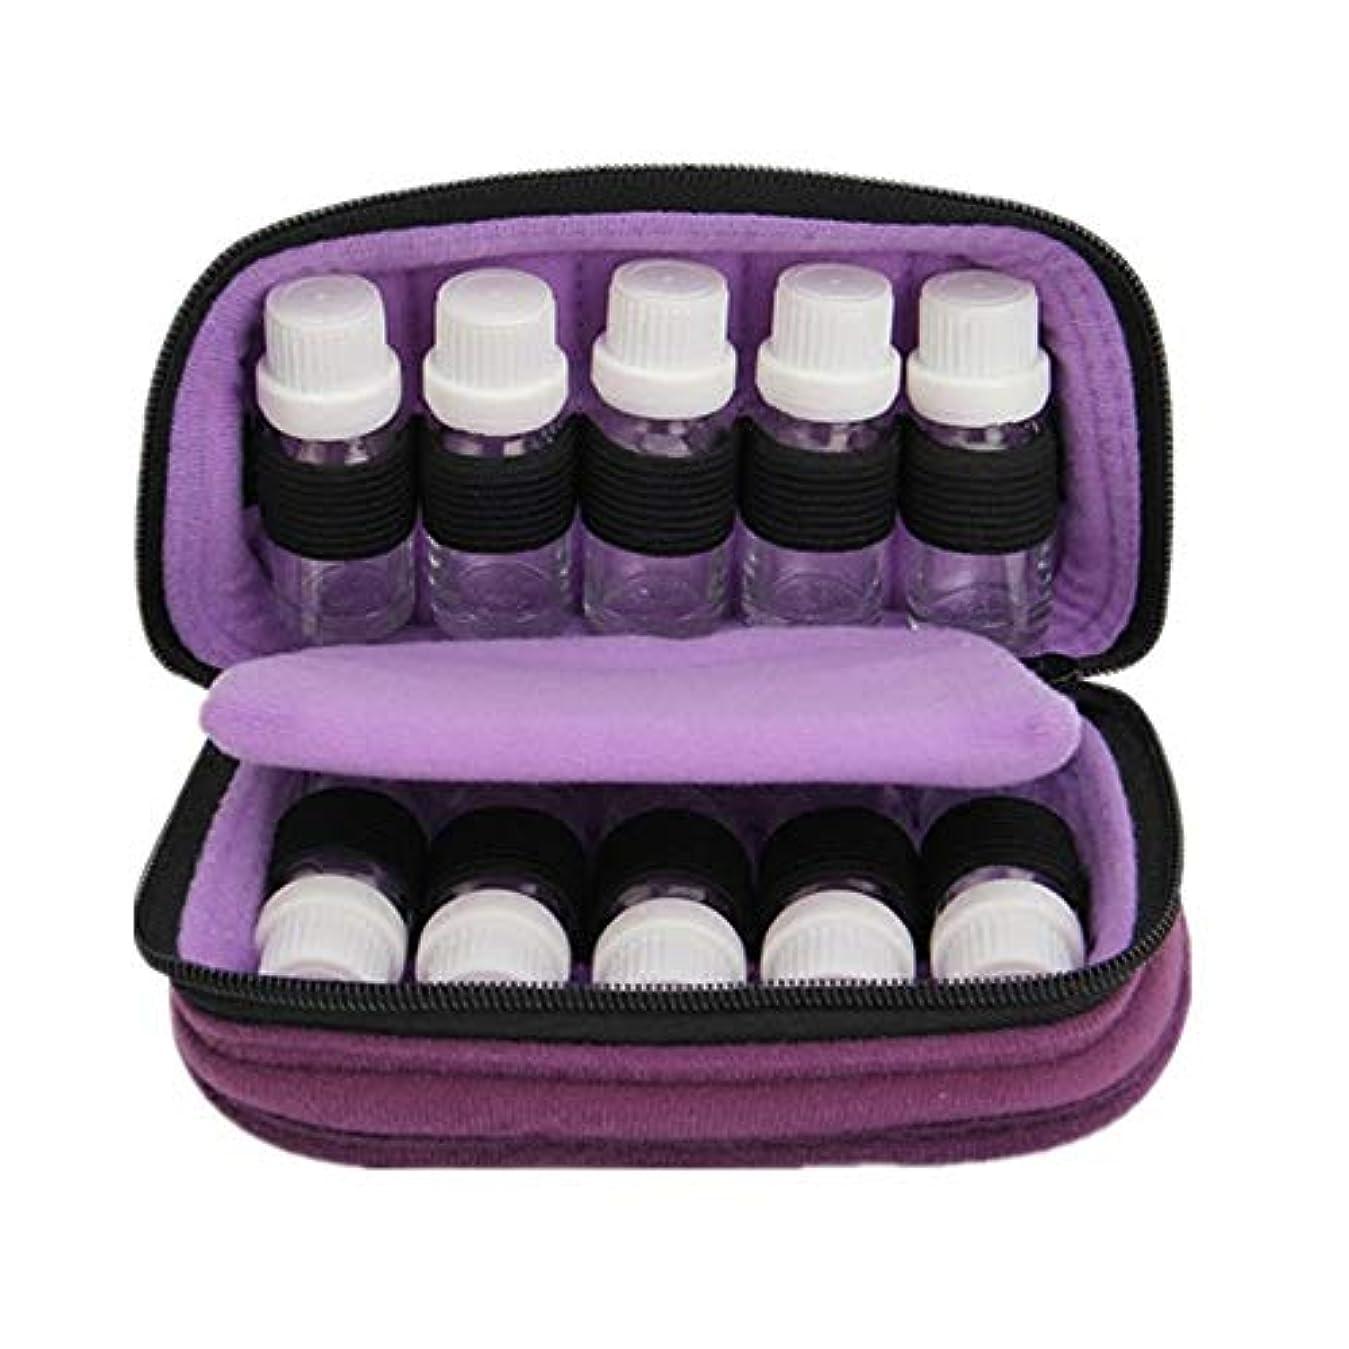 簡略化するそれによって飼い慣らすエッセンシャルオイルの保管 ケース収納キャリング10ボトルエッセンシャルオイルは、走行用の10&15のM1トラベルオーガナイザーポーチバッグパーフェクトにフィット (色 : 紫の, サイズ : 18X10X7.5CM)